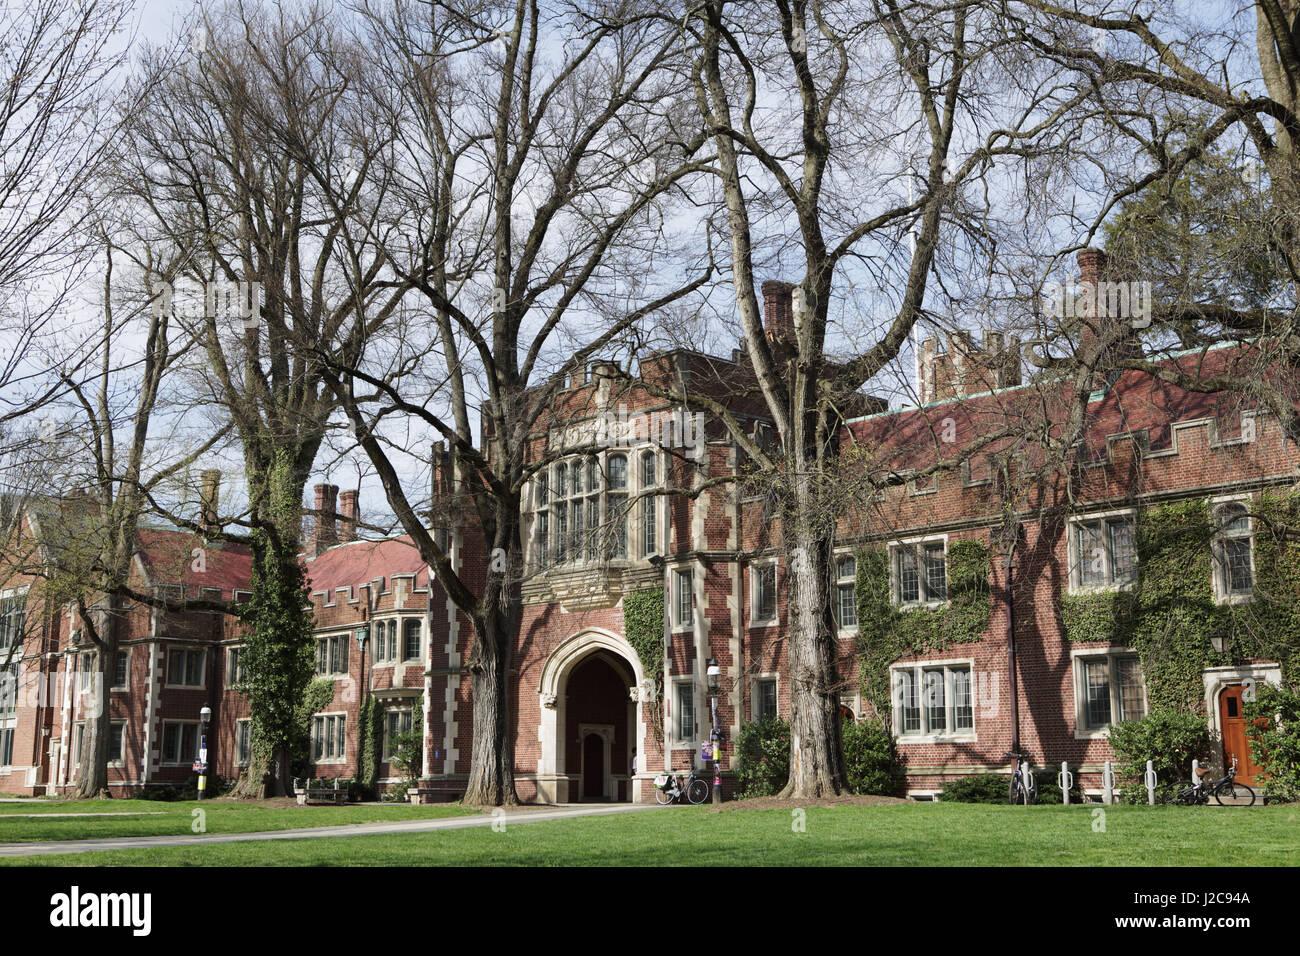 Princeton, NJ, EE.UU. - 11 de abril de 2017: el campus de la Universidad de Princeton en la primavera de 1879 Hall Imagen De Stock